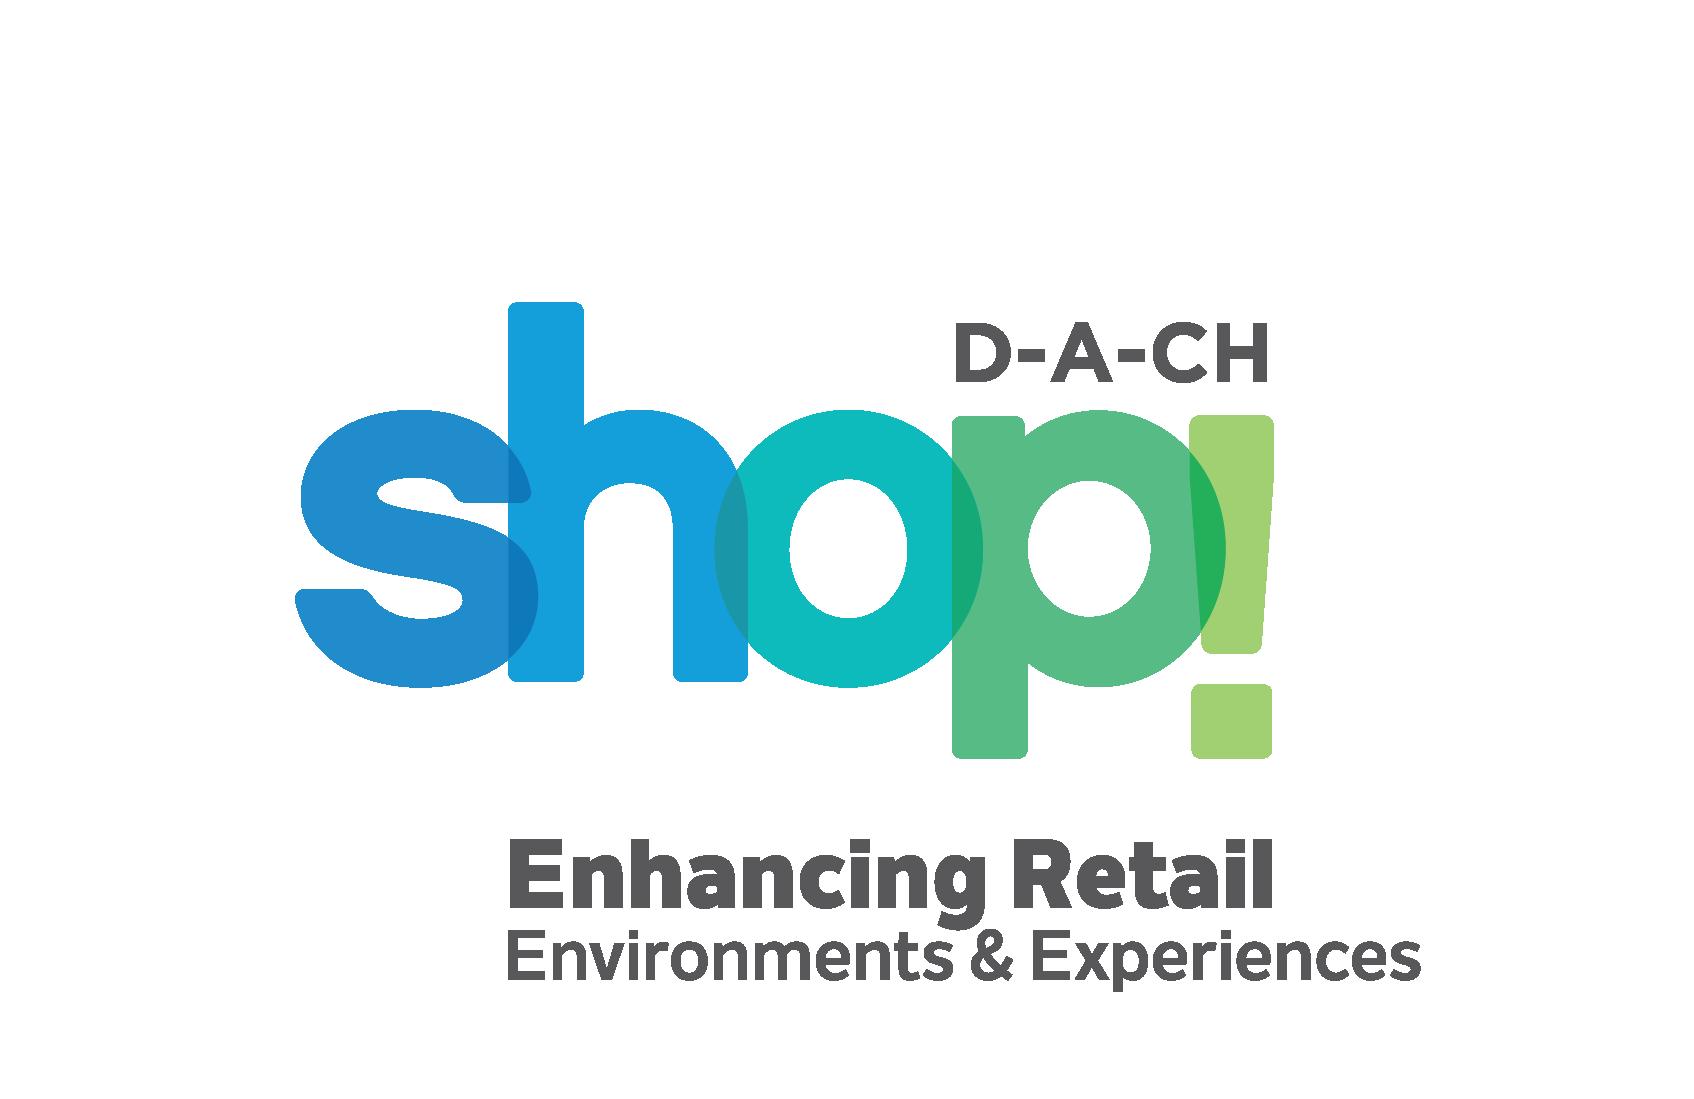 SHOP_D-A-CH_s